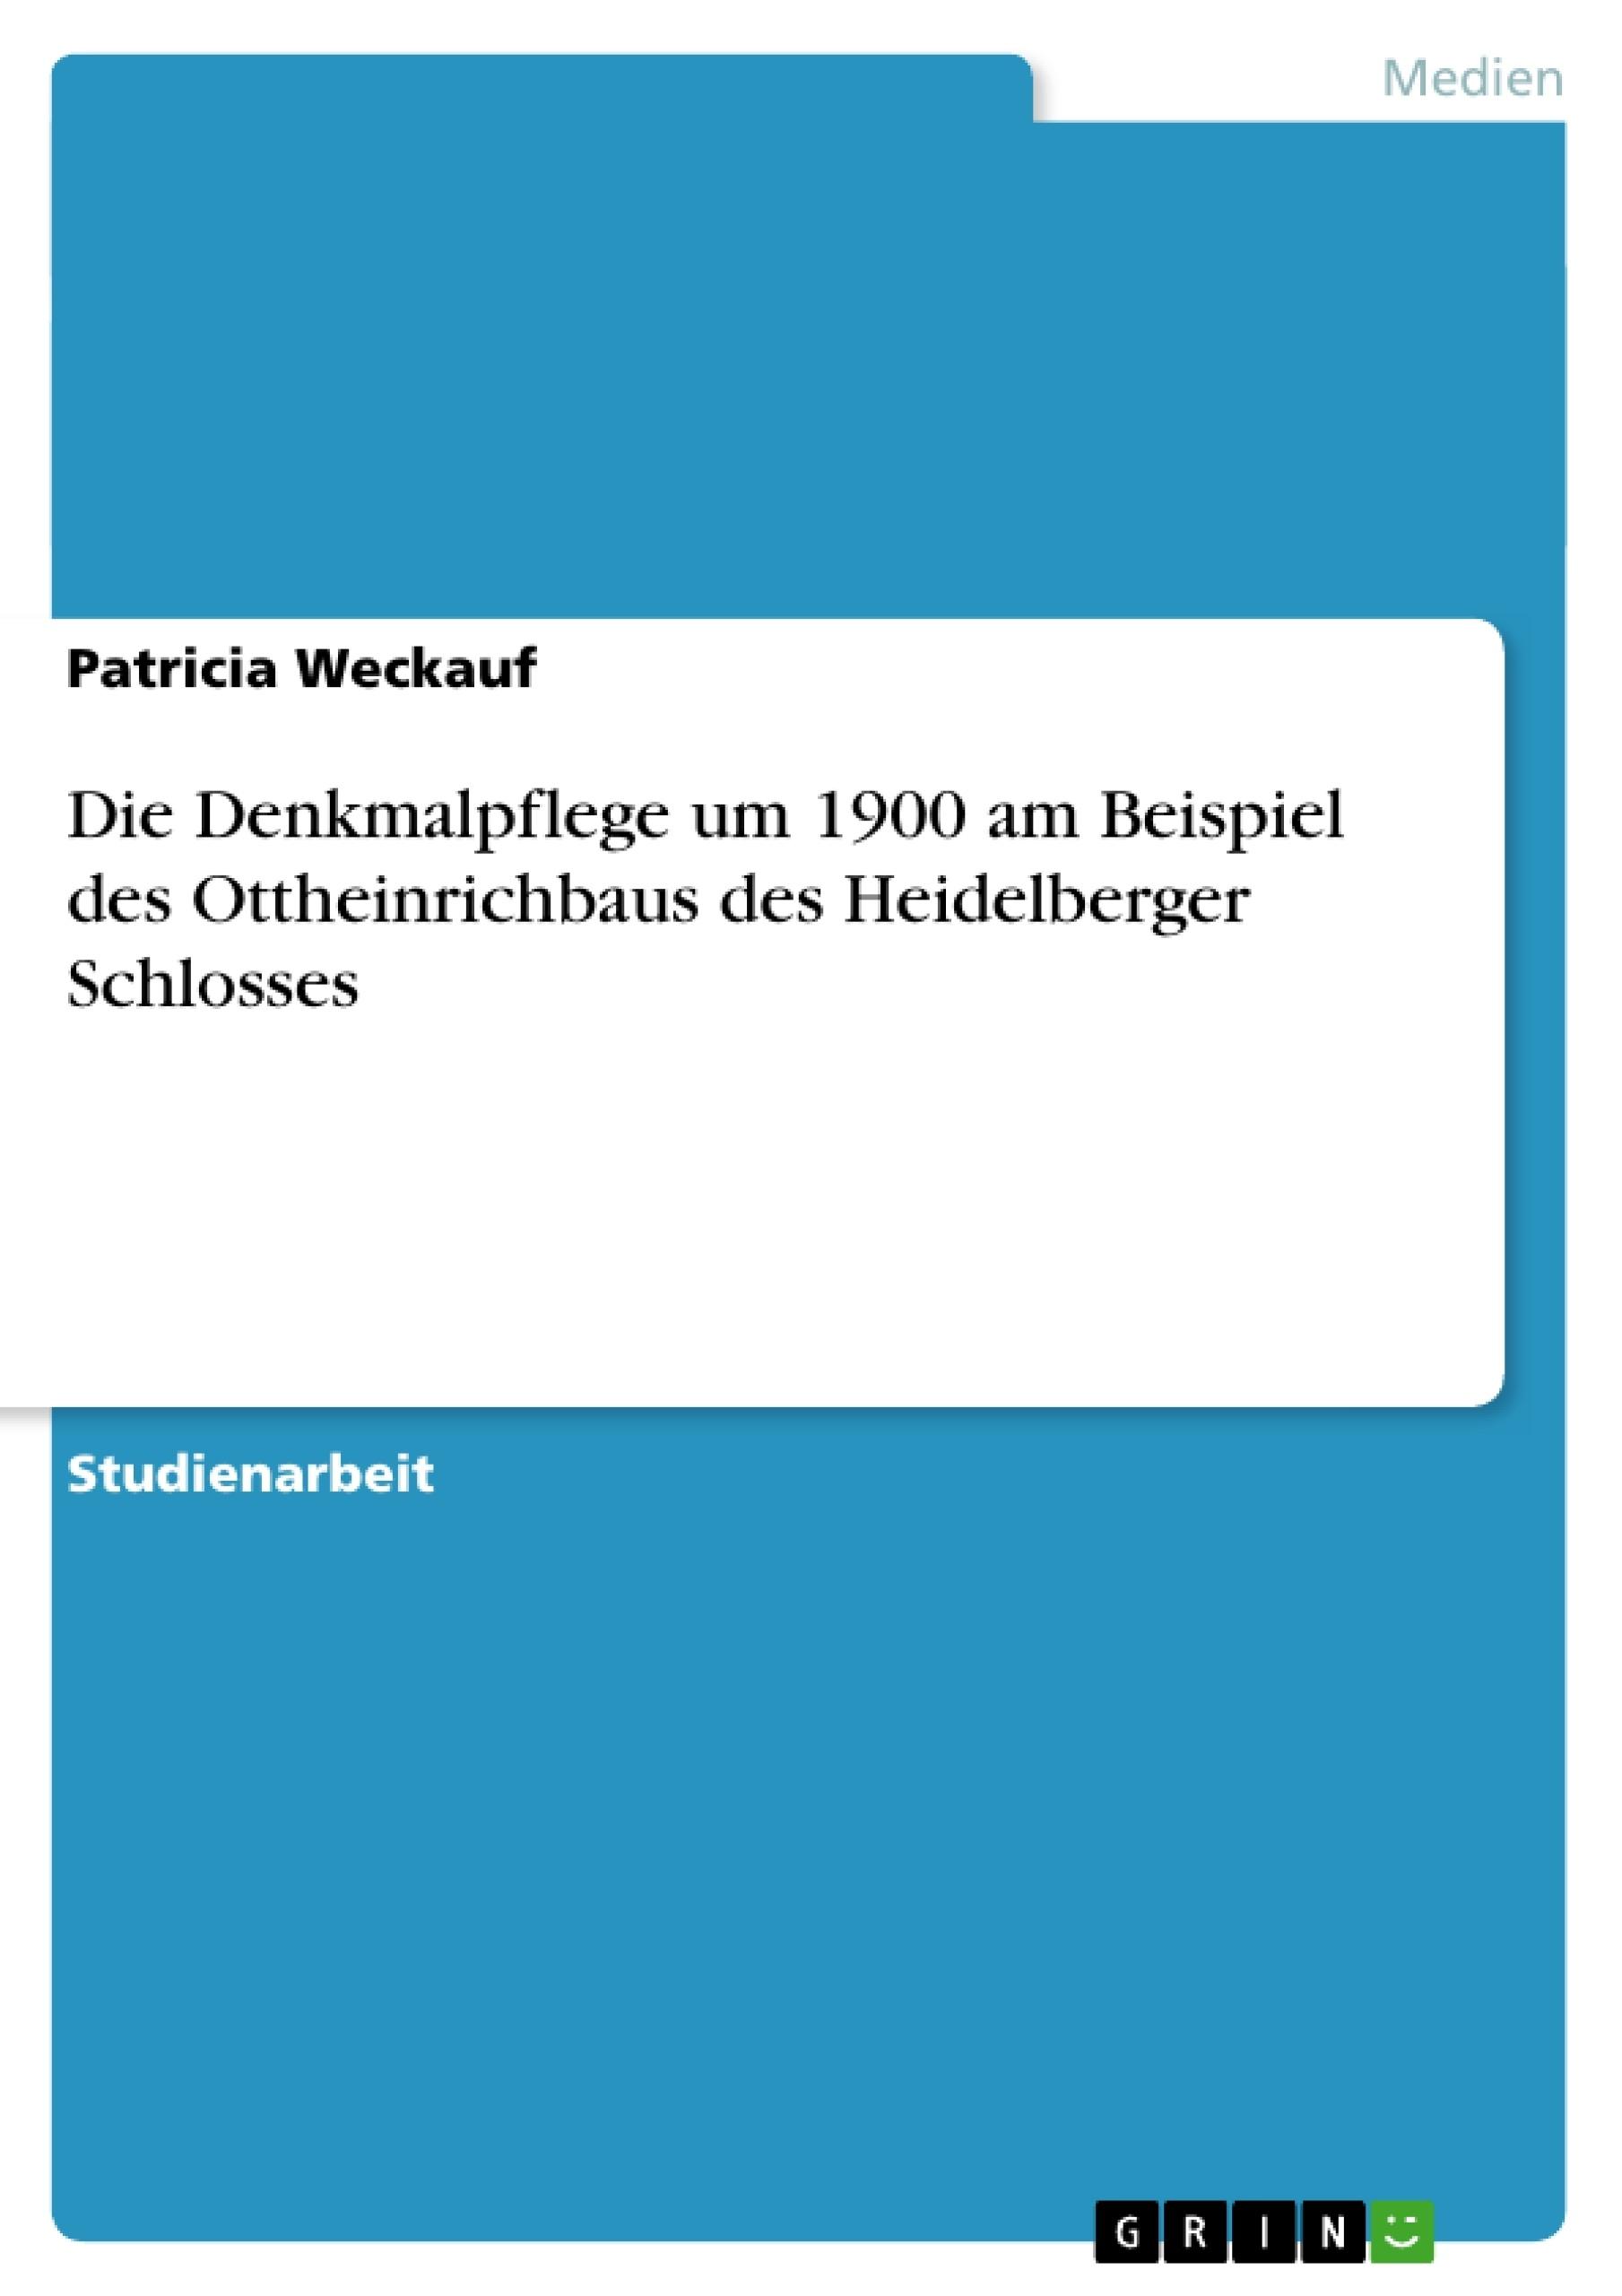 Titel: Die Denkmalpflege um 1900 am Beispiel des Ottheinrichbaus des Heidelberger Schlosses